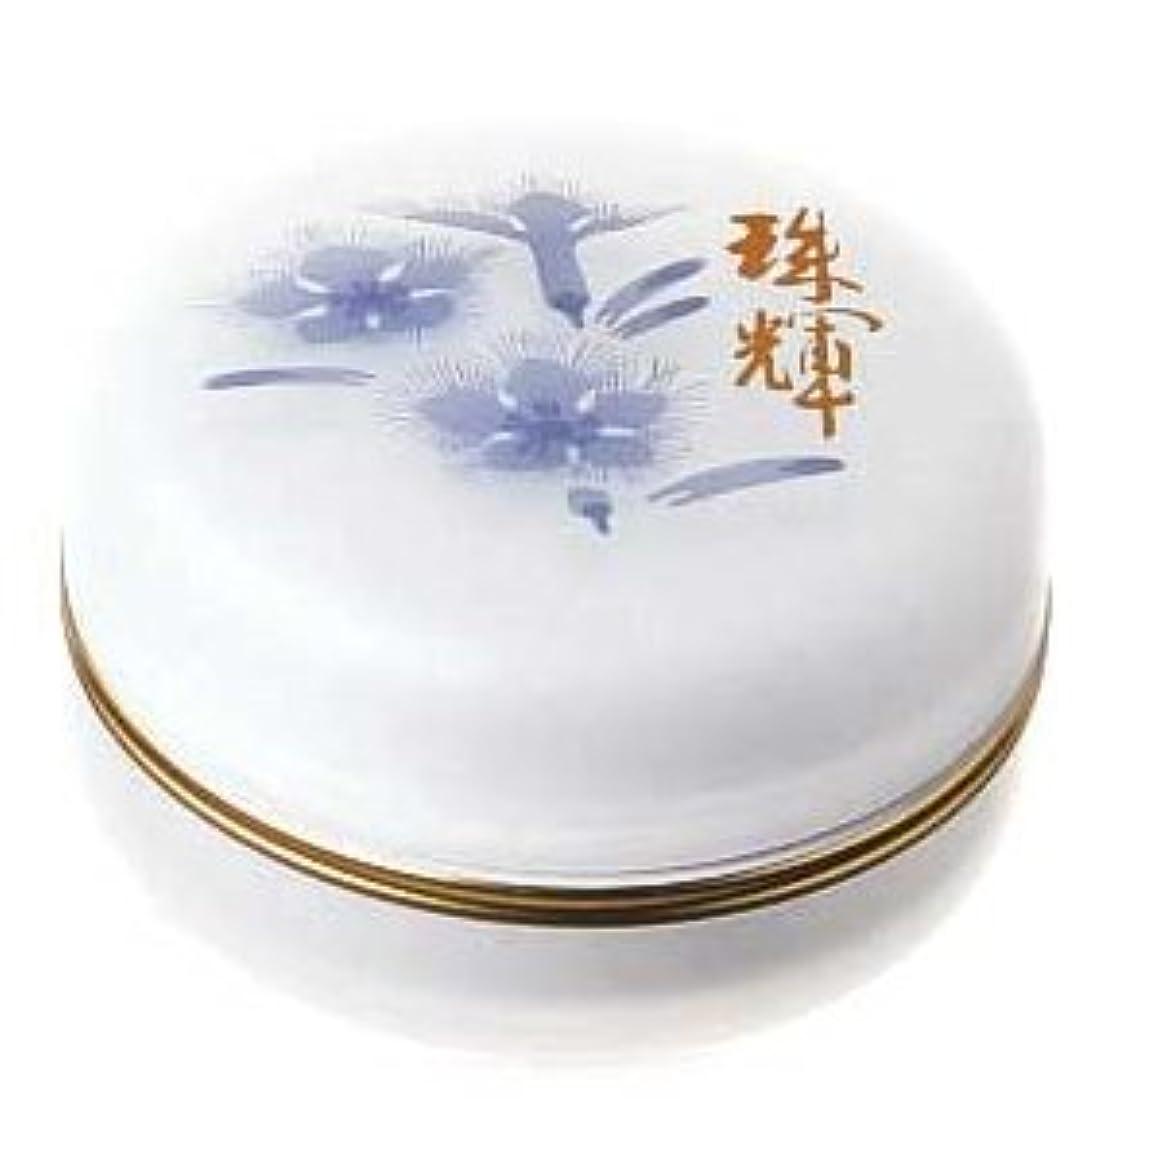 シネマ高尚なペルメルオッペン 薬用妙 薬用珠輝(じゅこう)<医薬部外品>(80g)